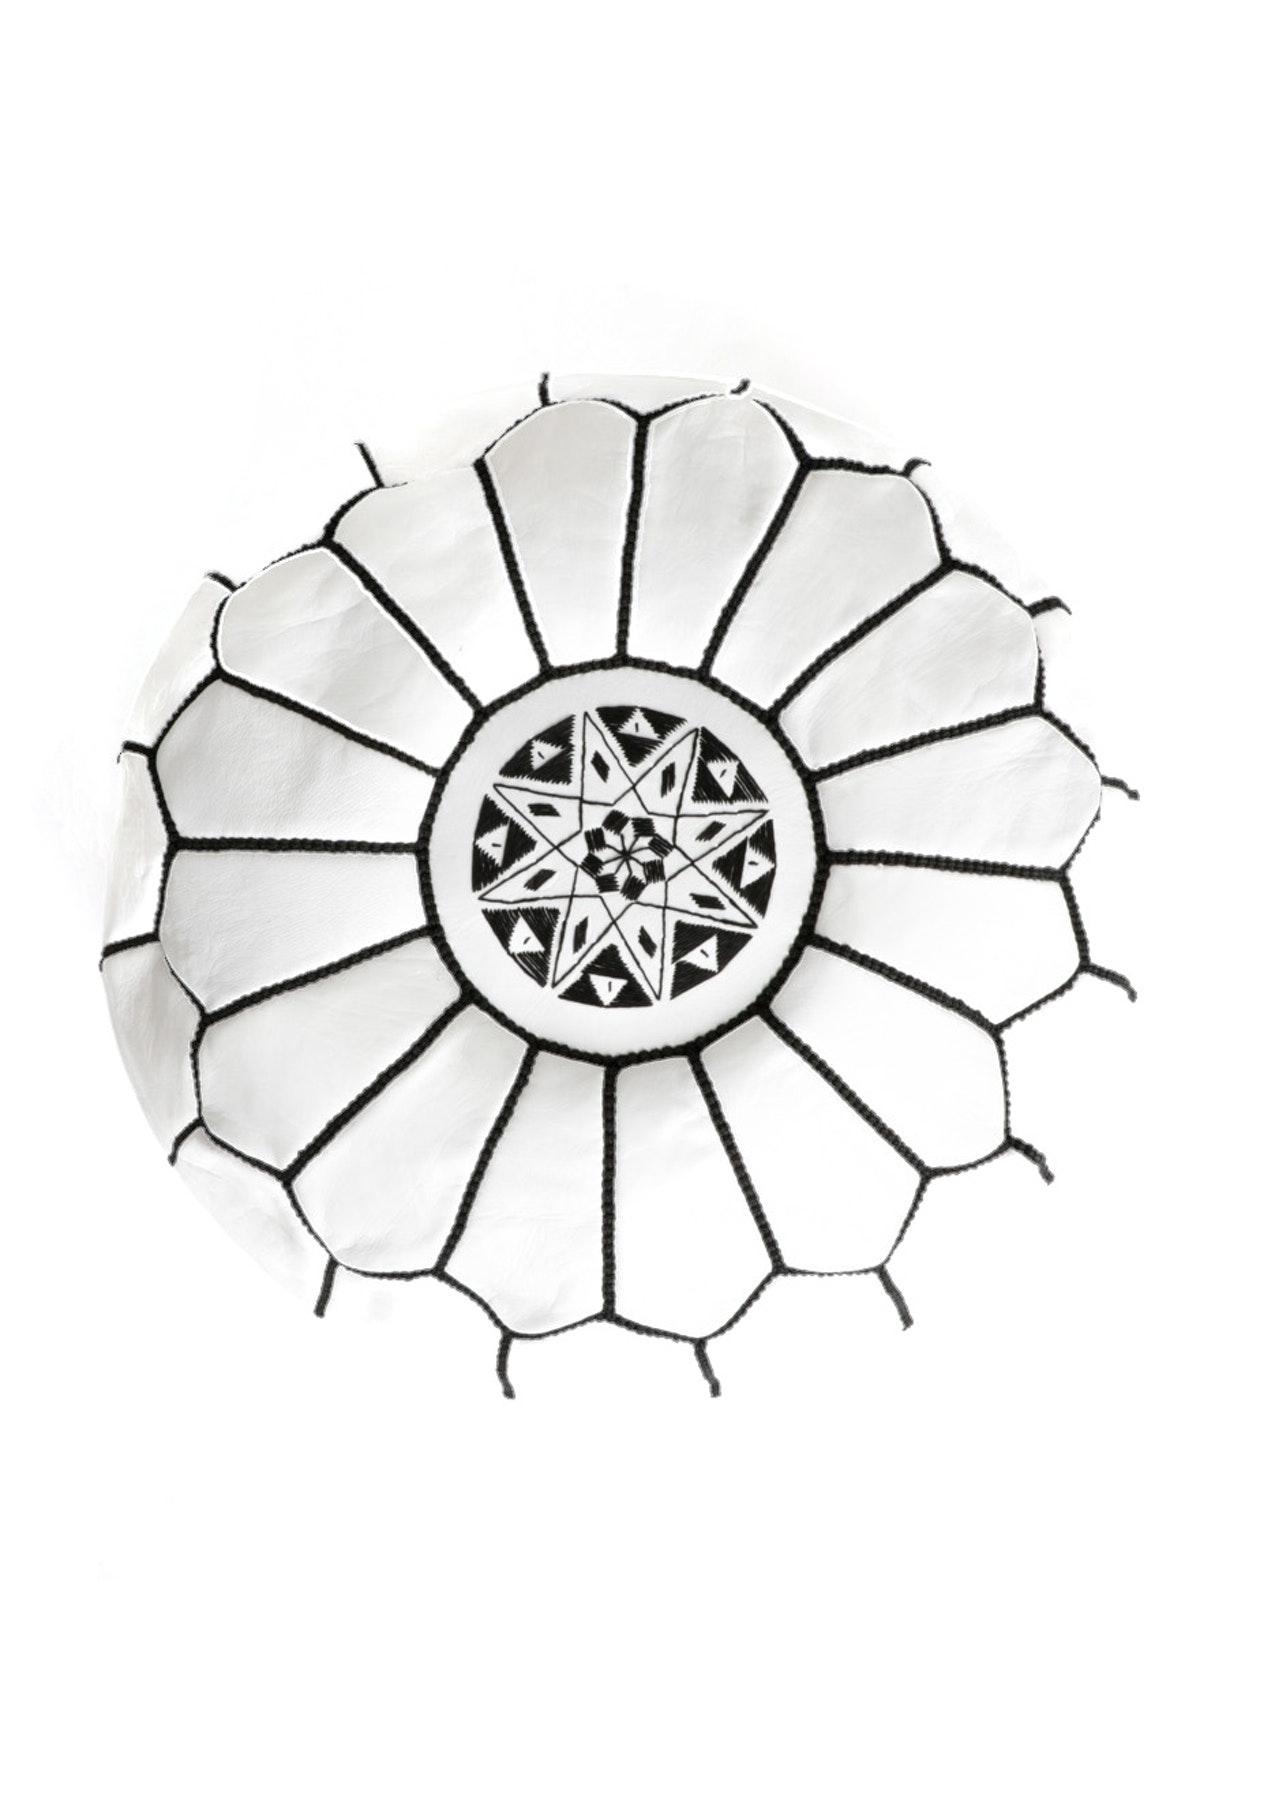 Moroccan Pouf - White w Black Stitching